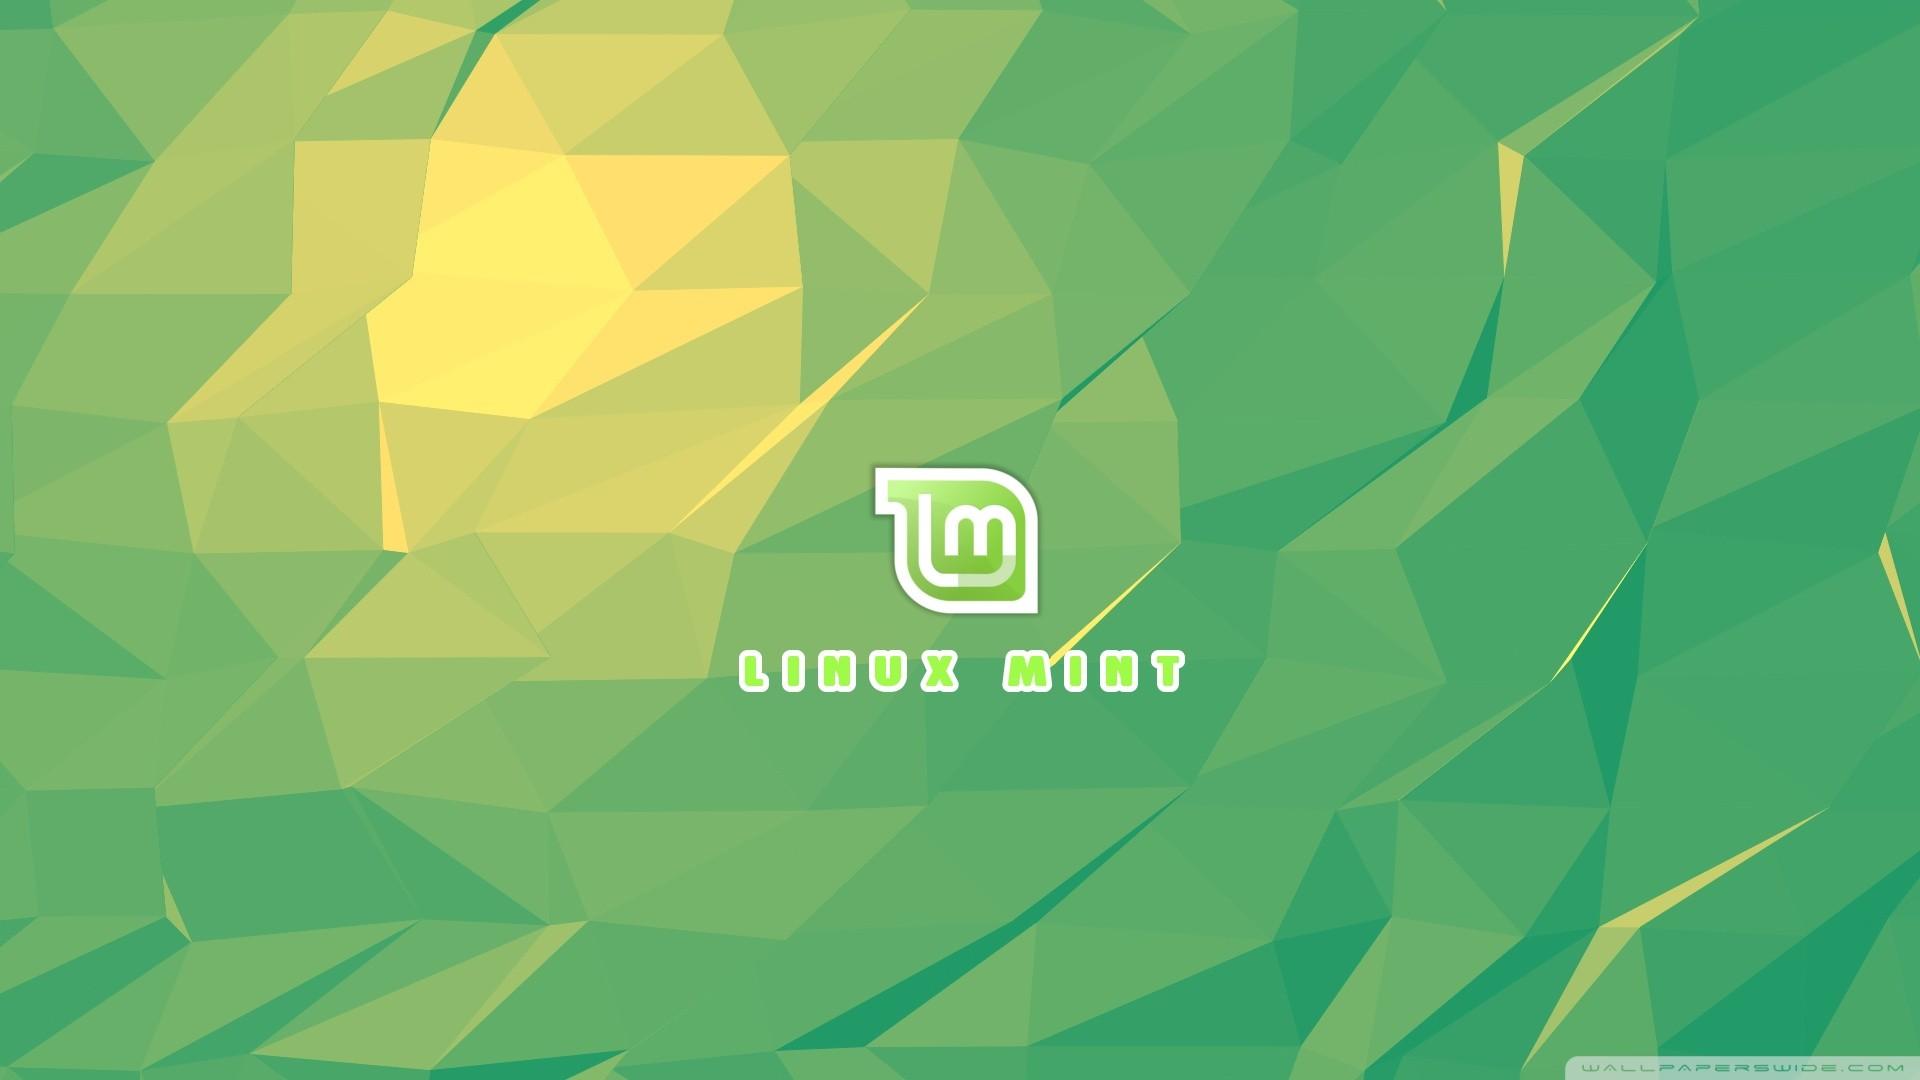 Res: 1920x1080, 2. mint-green-wallpaper5-600x338